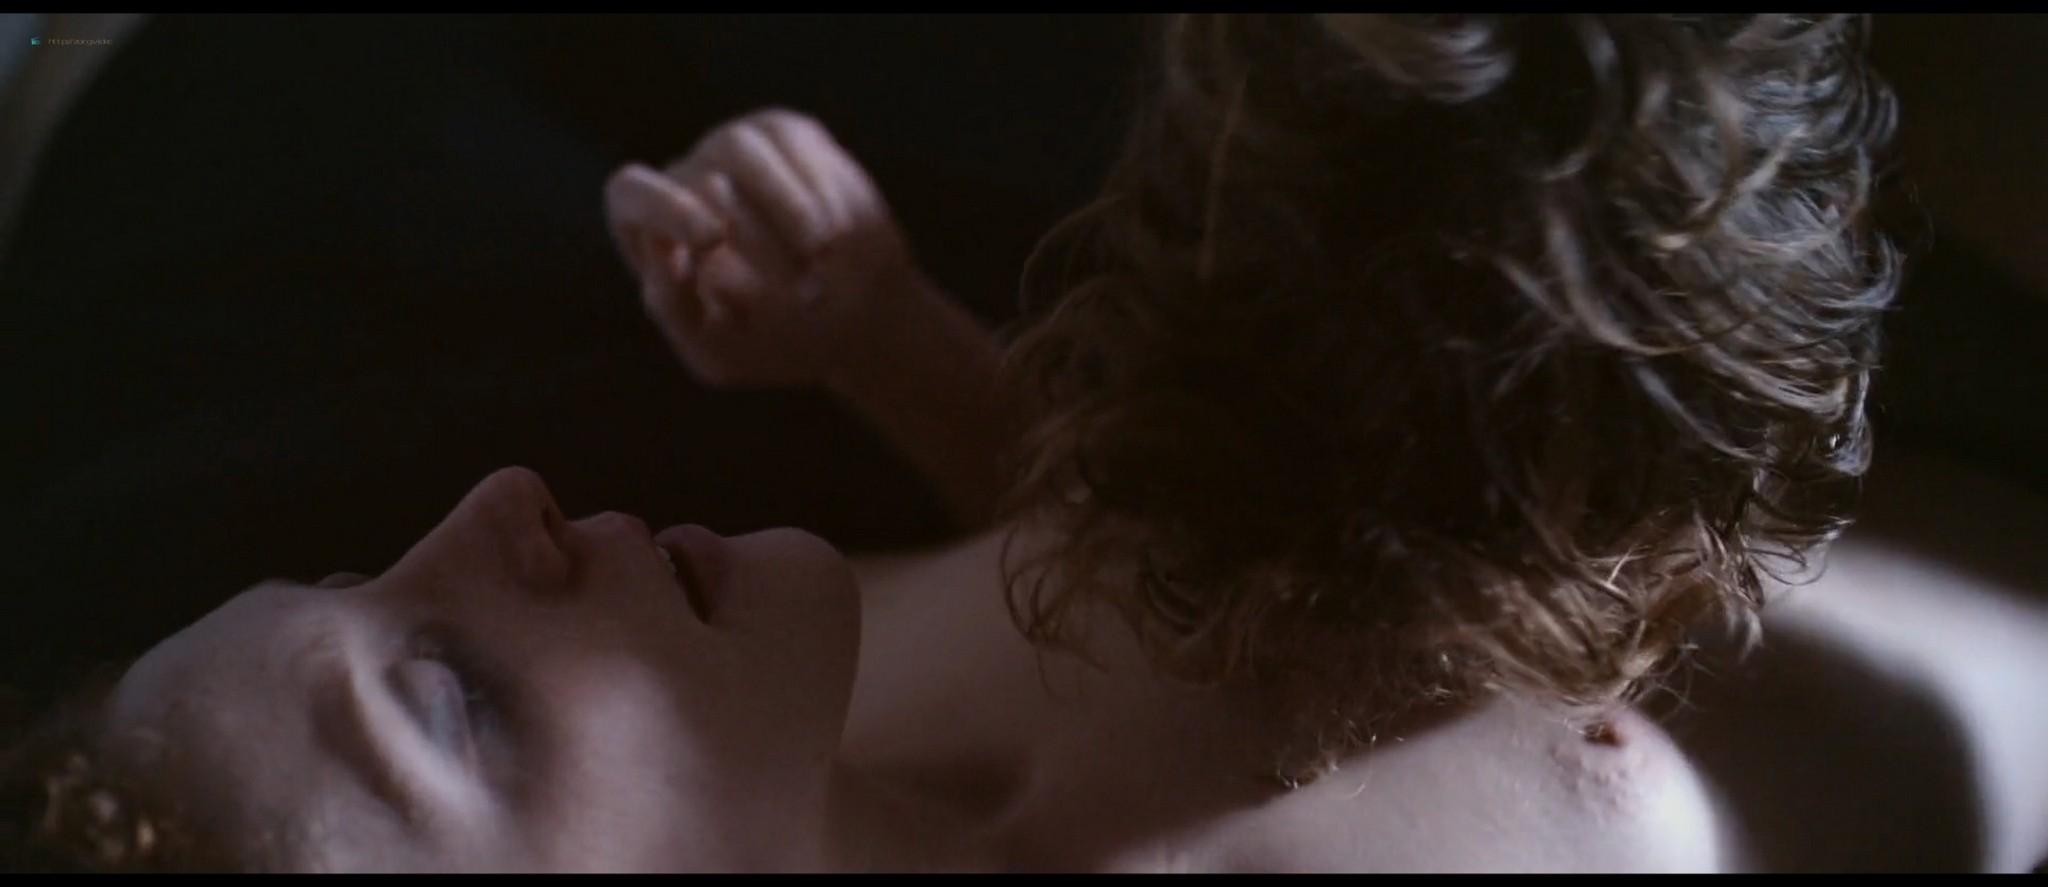 Hélène De Vos nude sex Charlotte Vandermeersch nude other nude too - Belgica (BE-2016) HD 1080p Web (17)